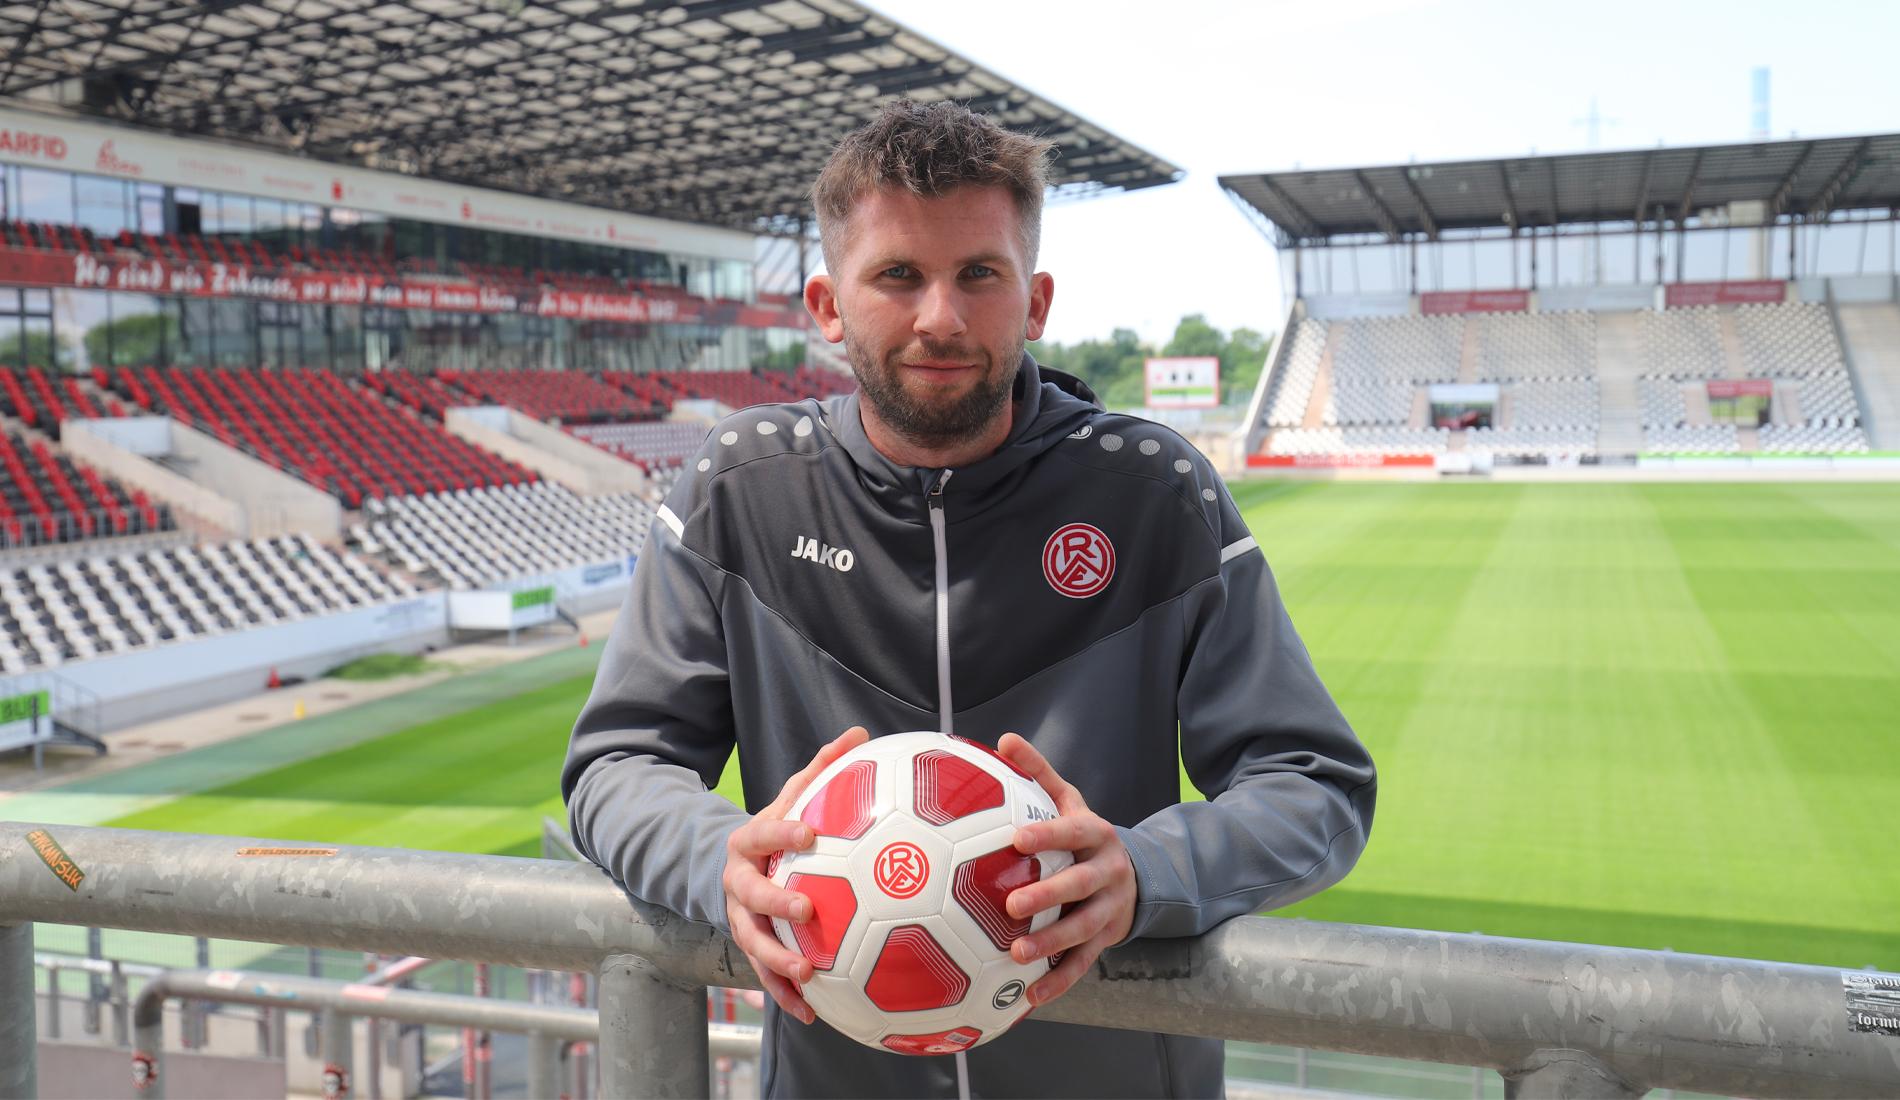 Erfahrener Keeper für die Hafenstraße: Raphael Koczor trägt ab dem kommenden Fußballjahr rot-weiss.